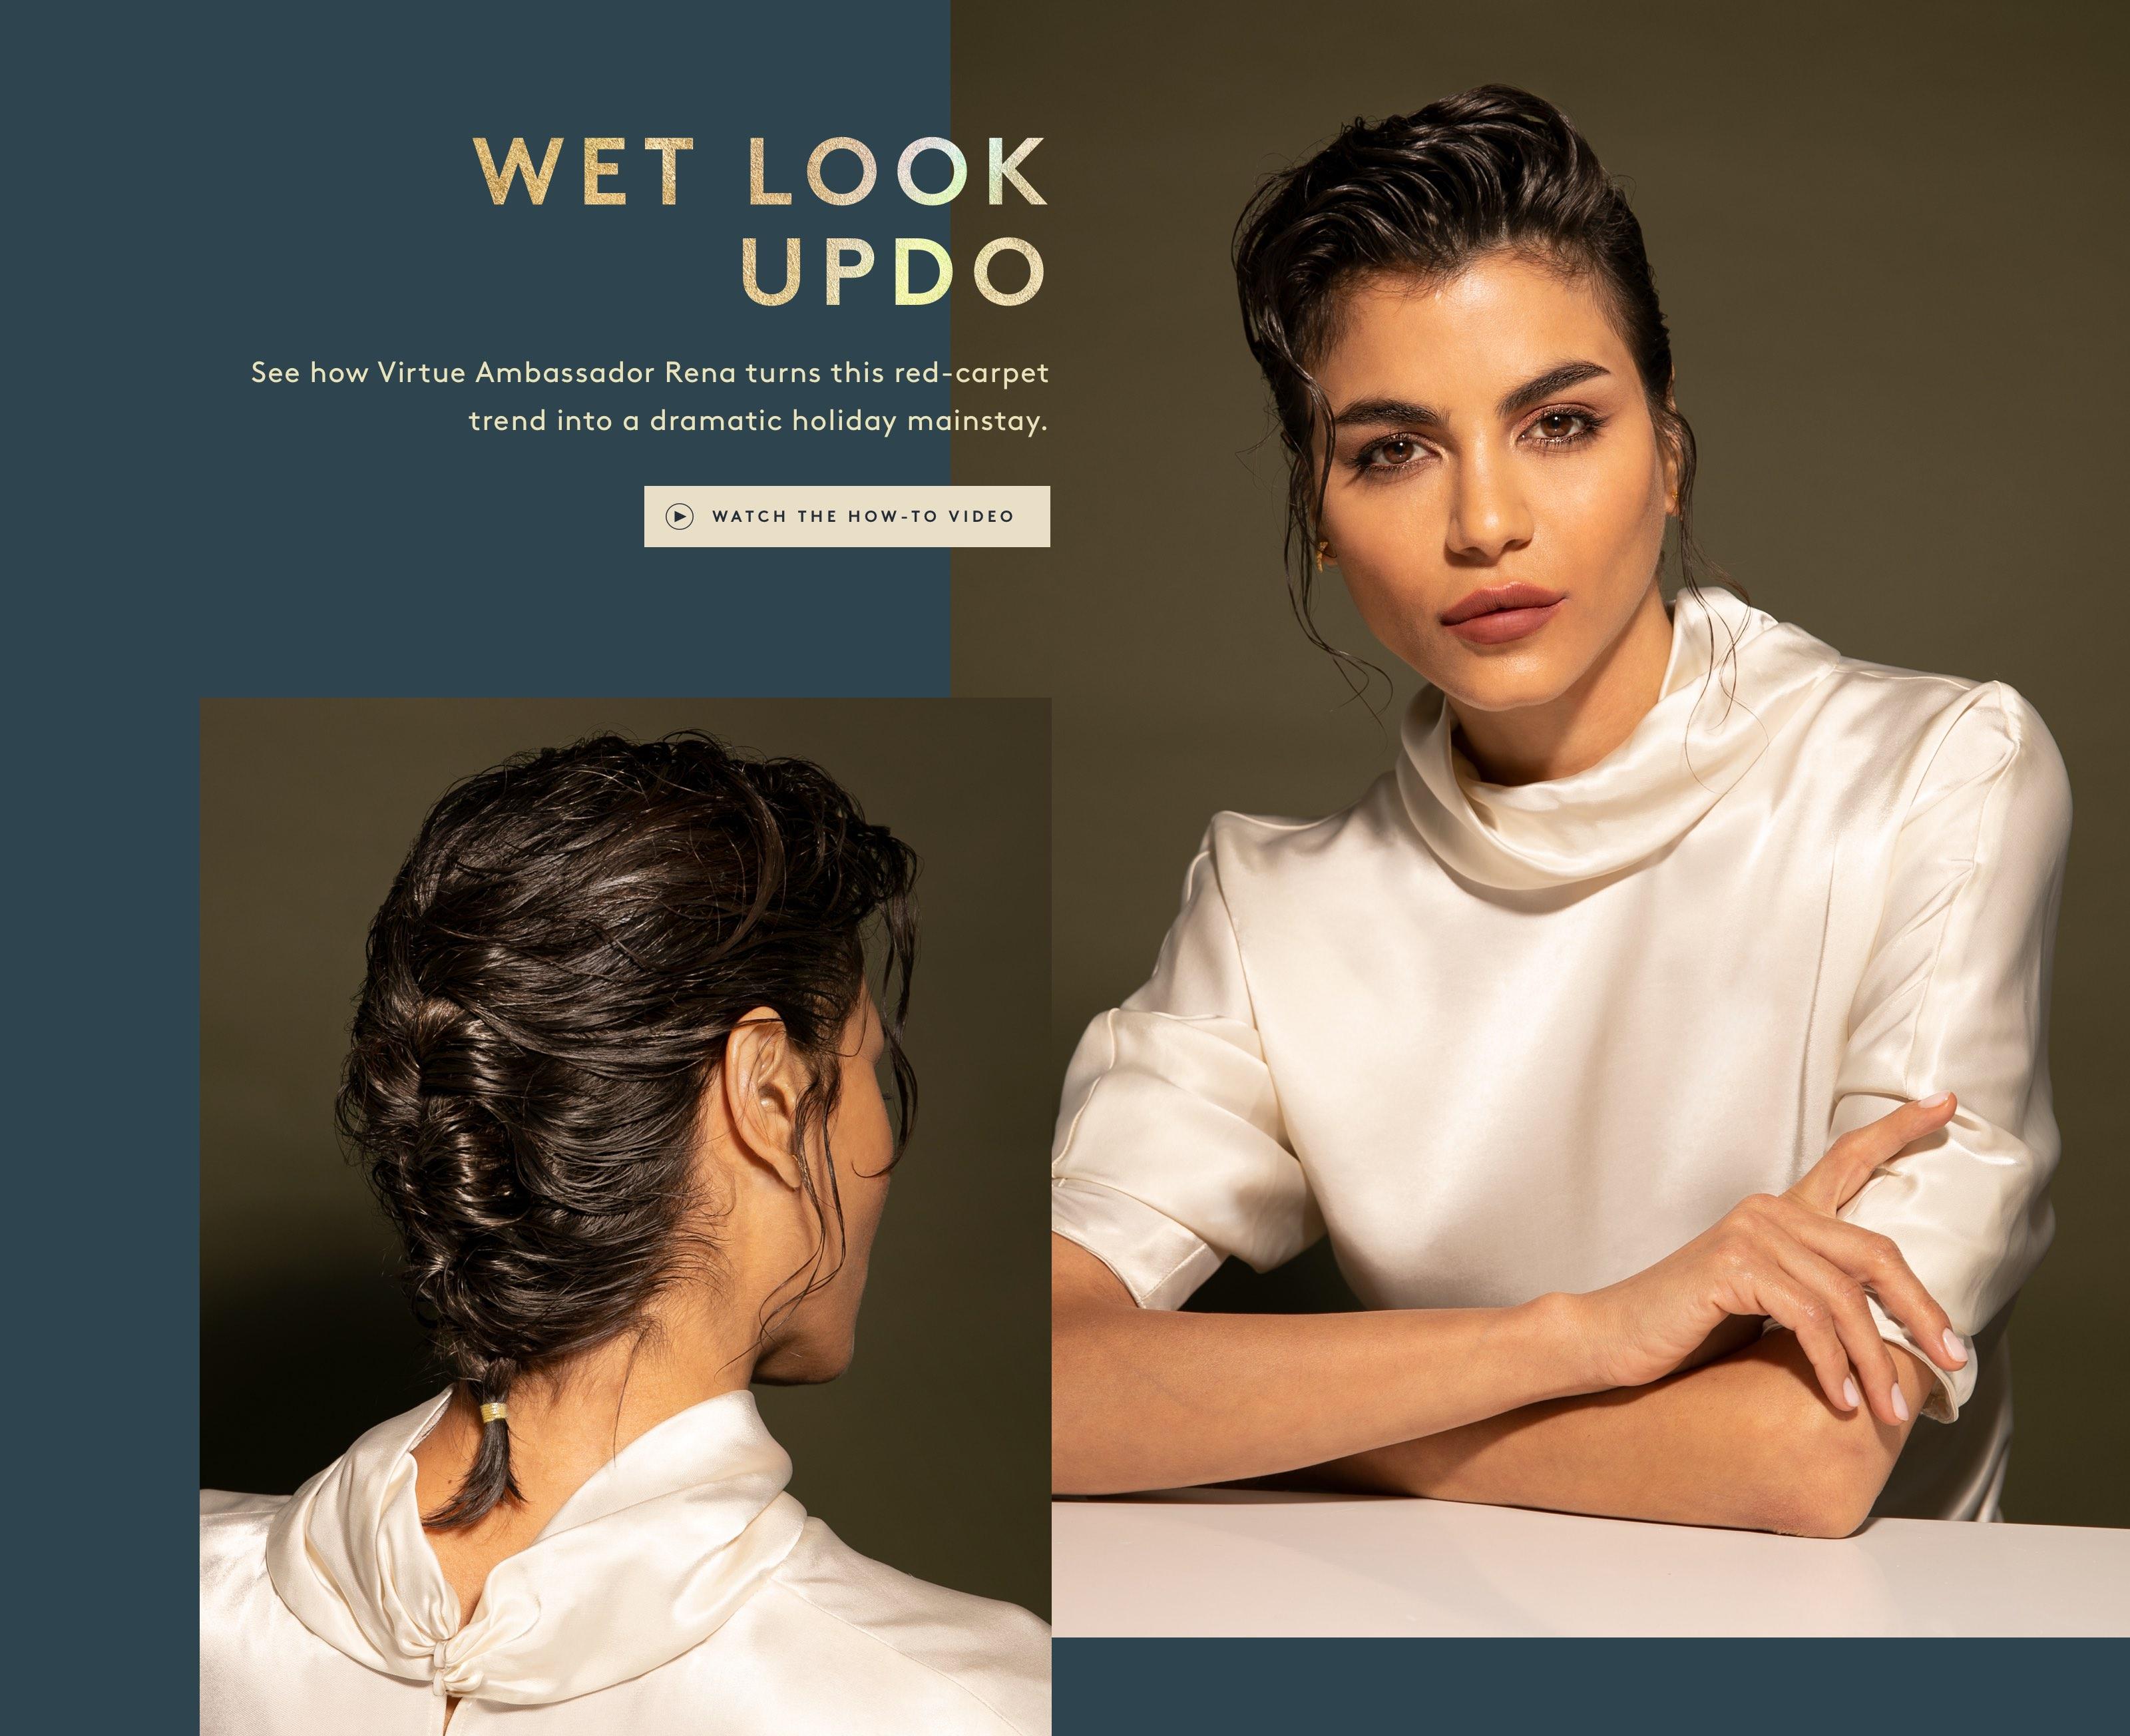 Wet Look Updo